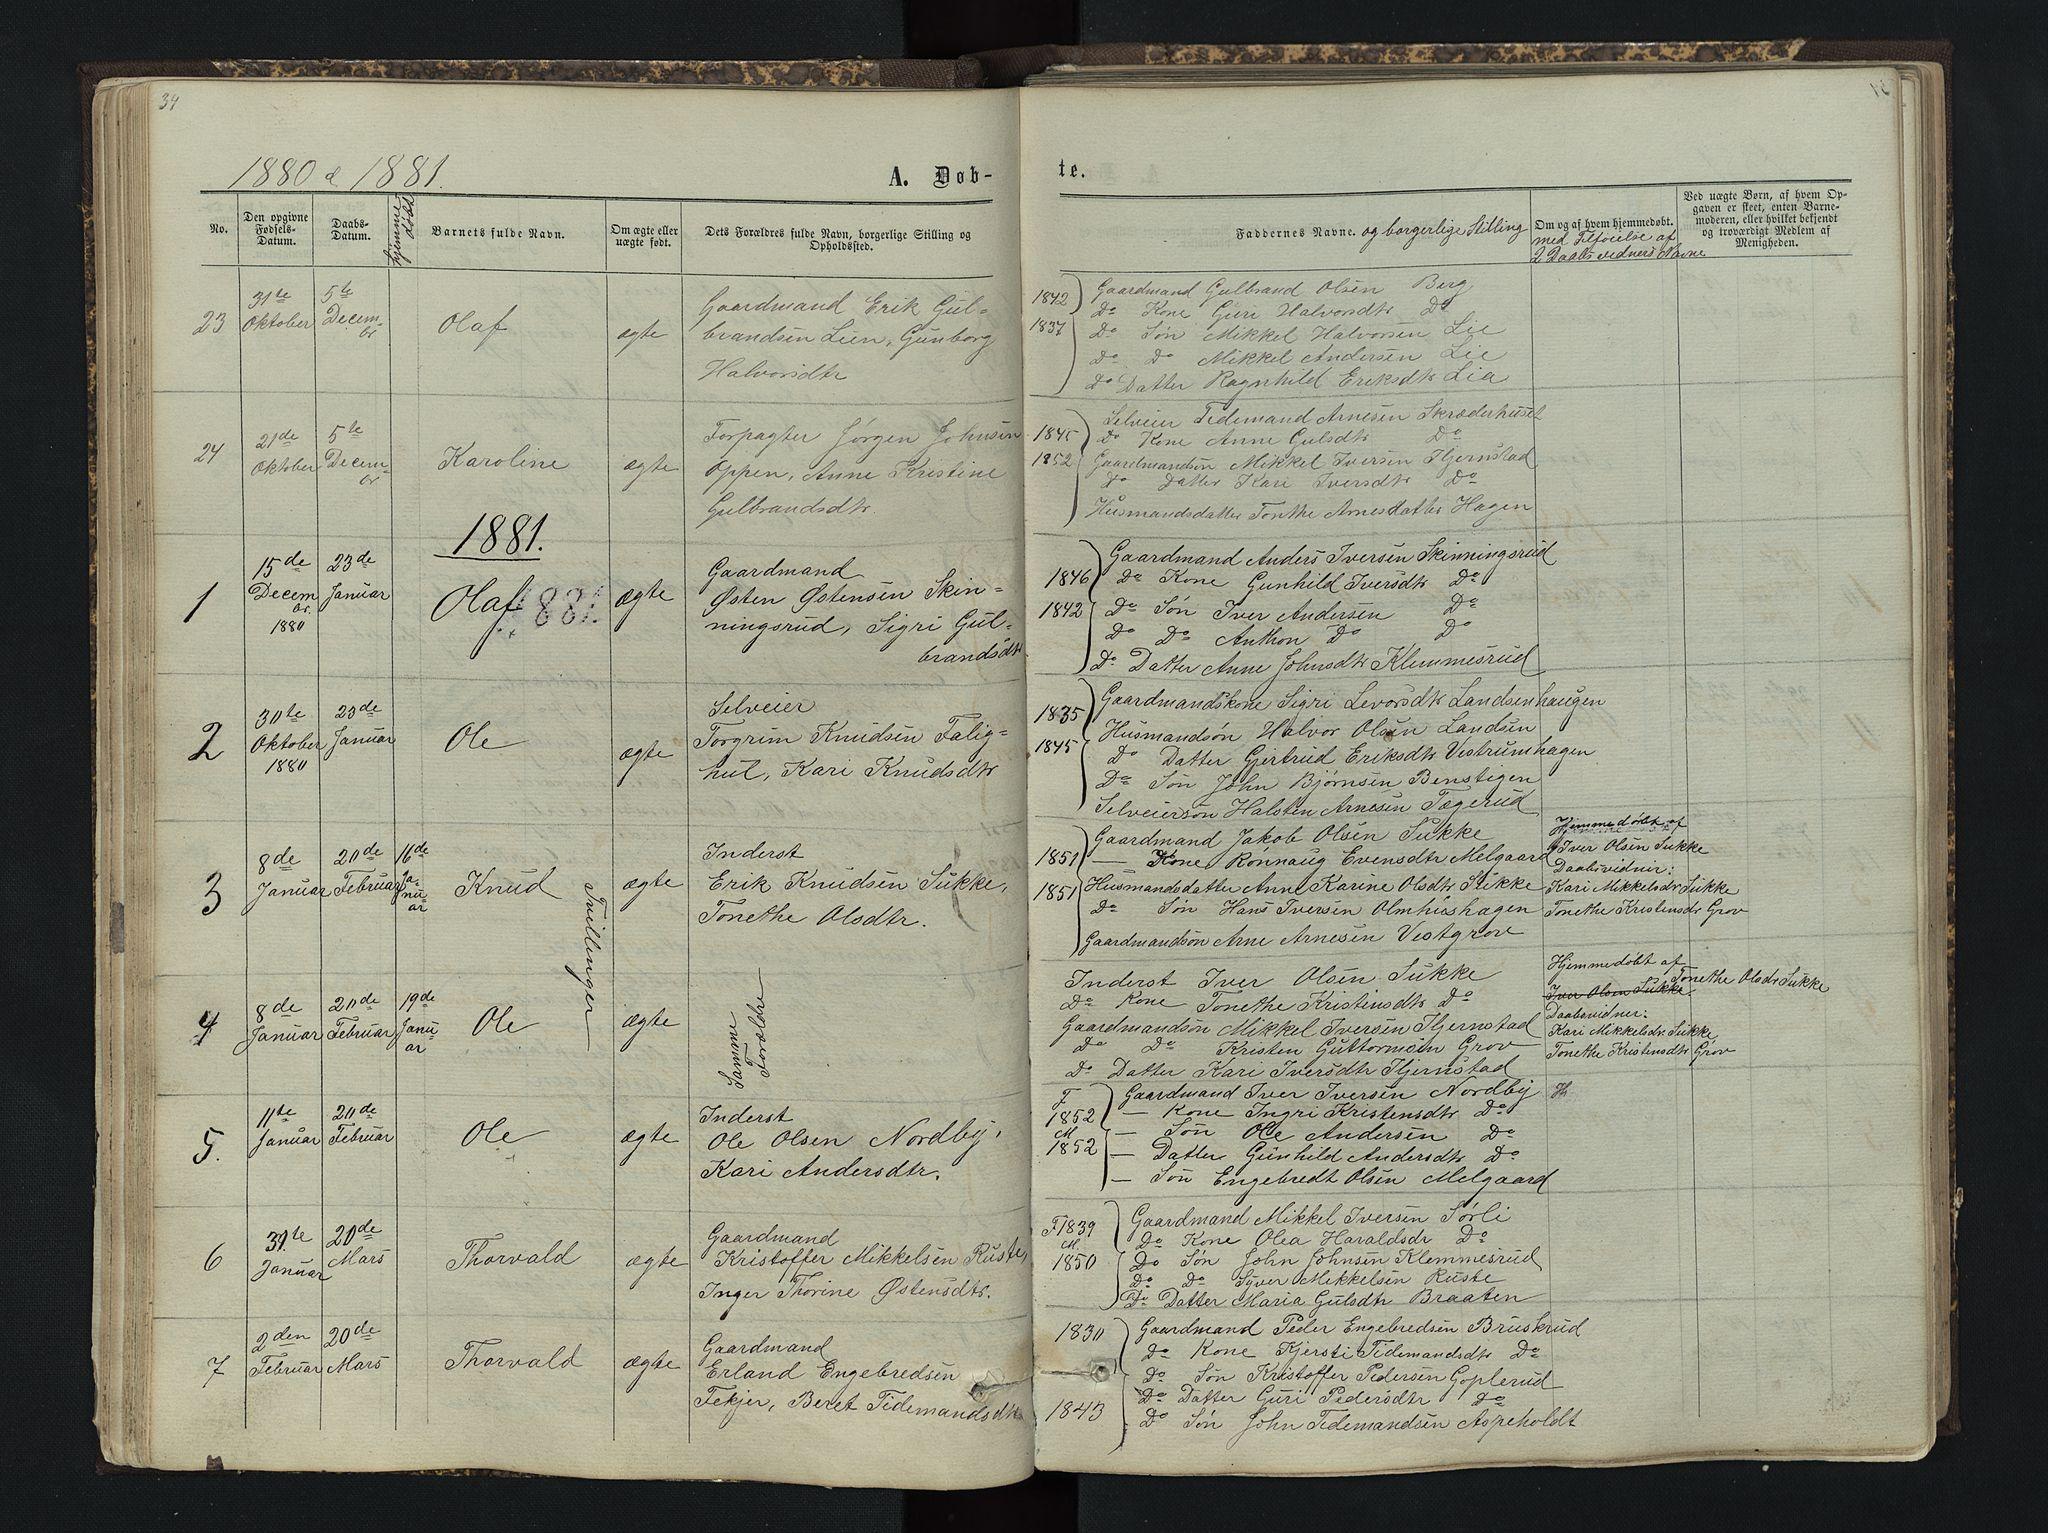 SAH, Sør-Aurdal prestekontor, Klokkerbok nr. 4, 1865-1893, s. 34